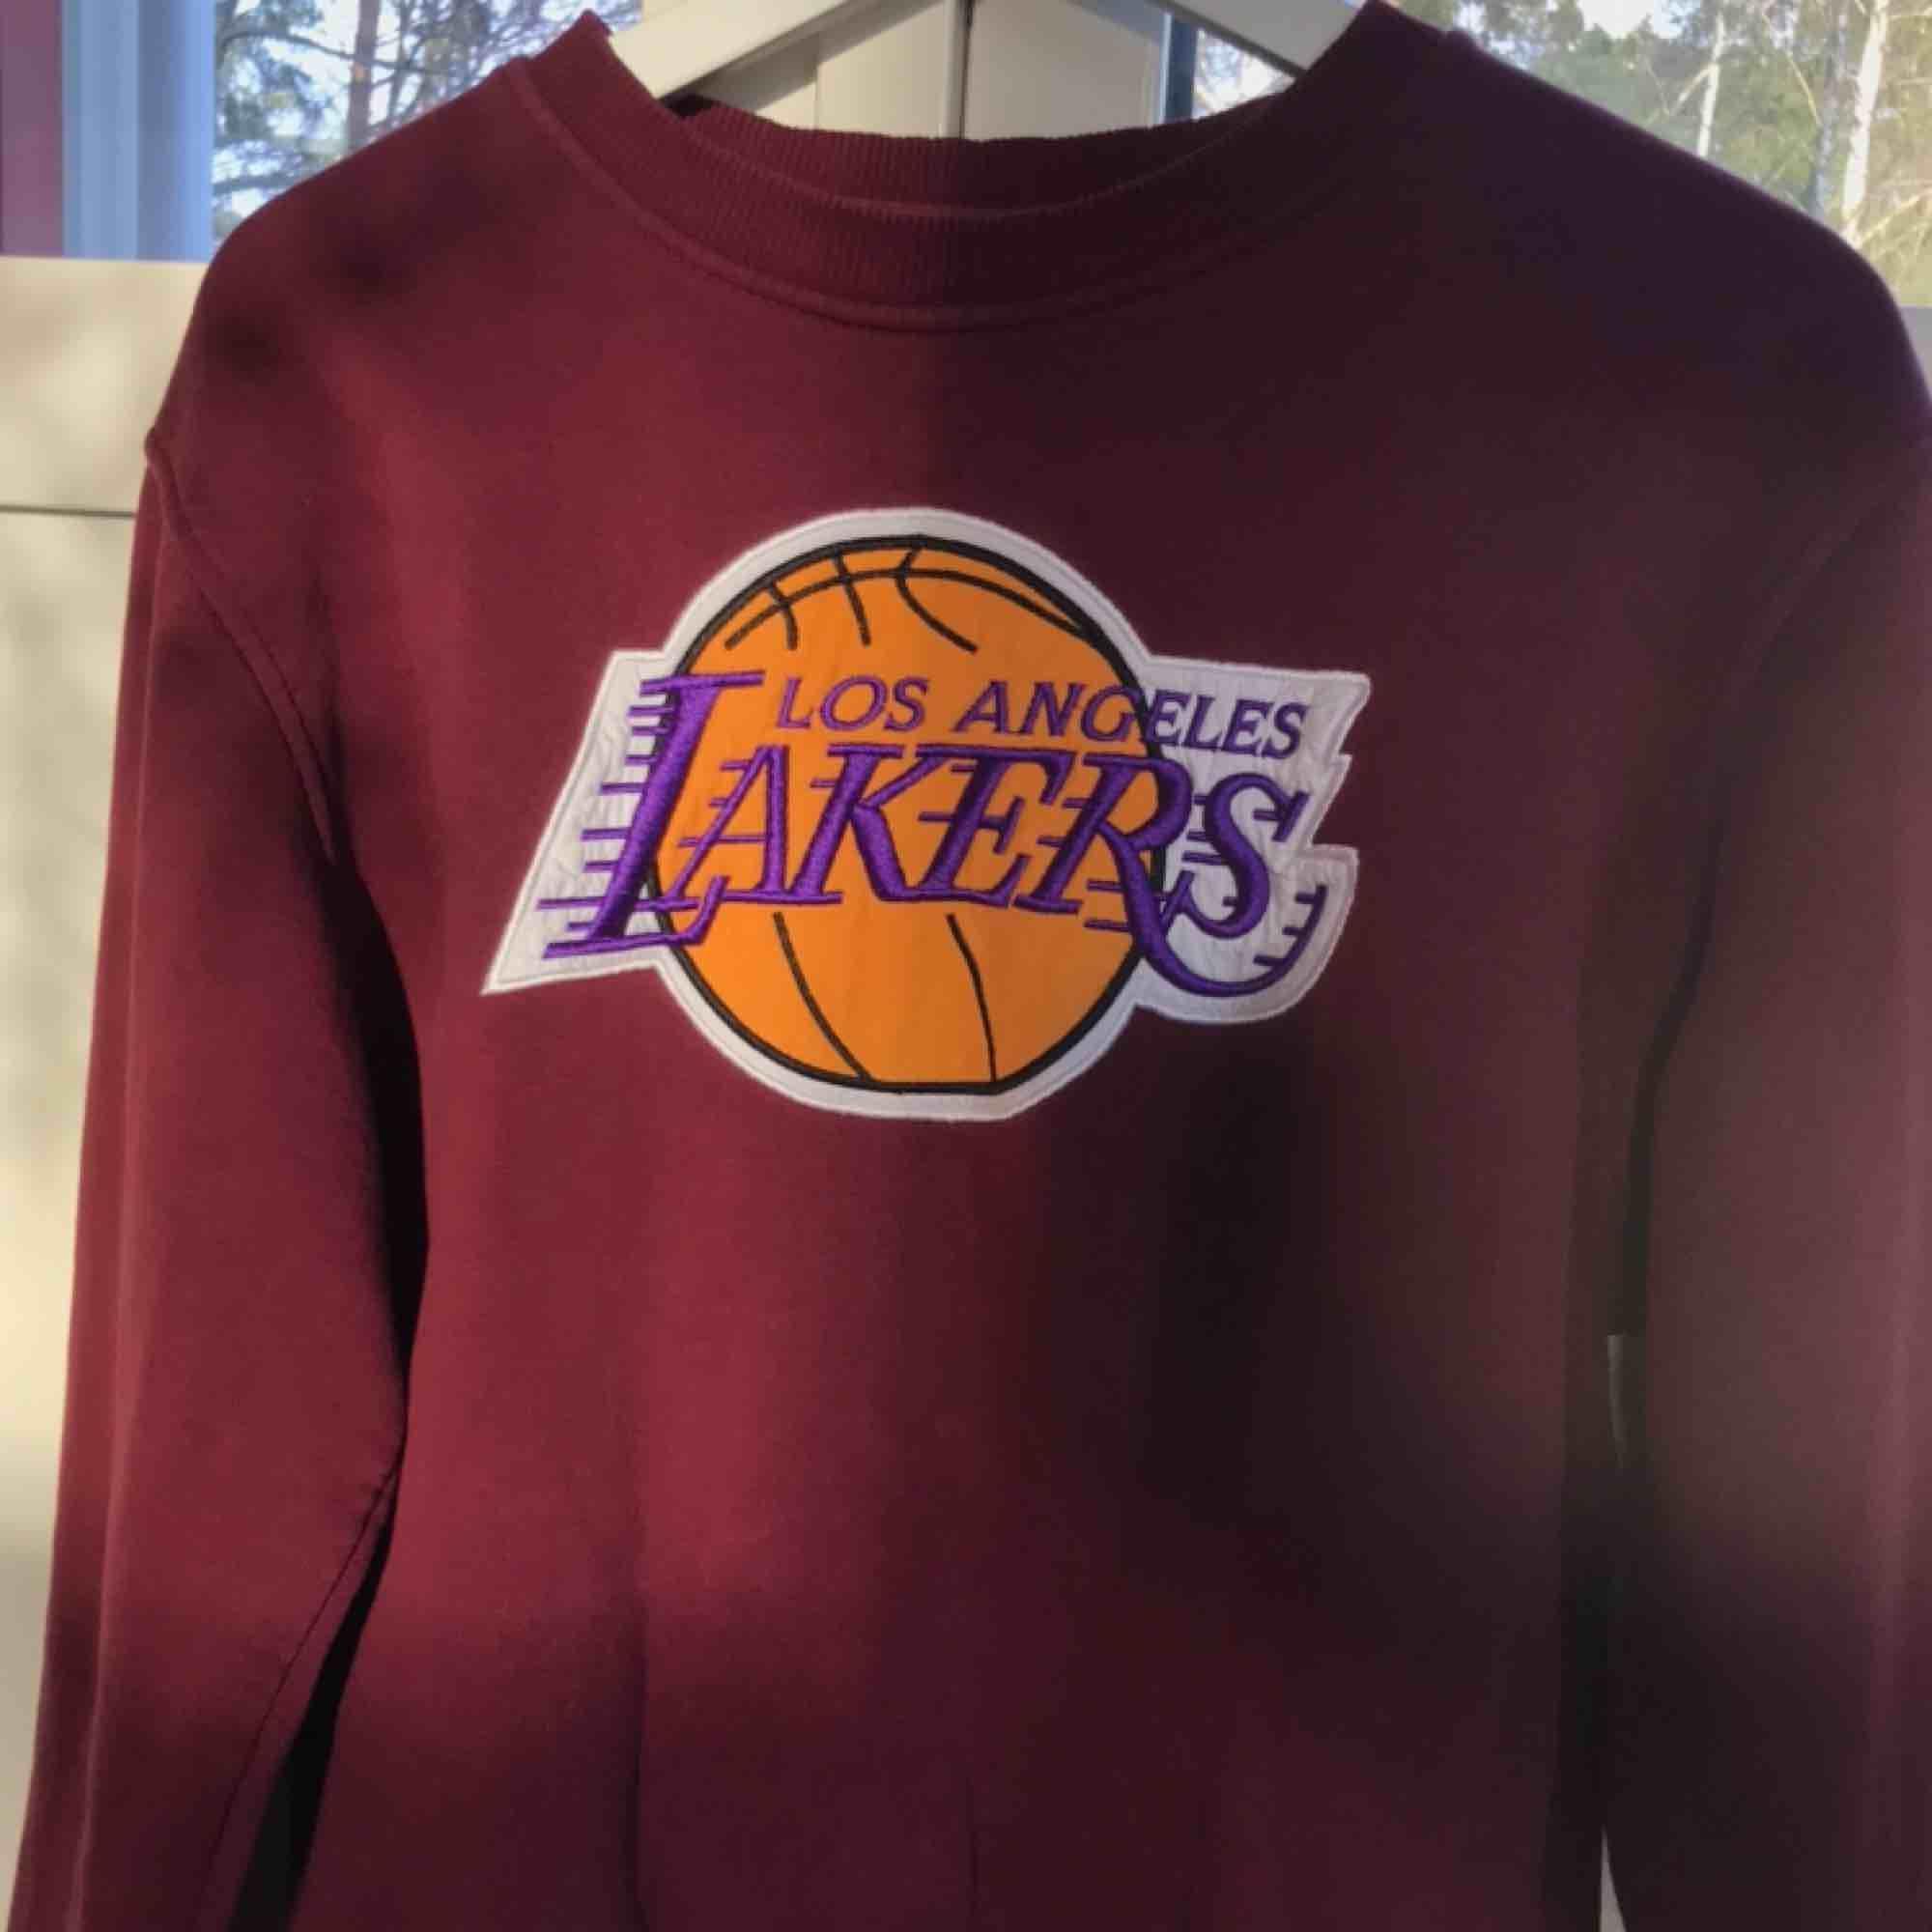 Säljer min fina Lakers-tröja, som är i mycket fint skick. Varm och mjuk. Den är i strl M, som en 38a.  Budgivning: ledande bud 250kr. Huvtröjor & Träningströjor.